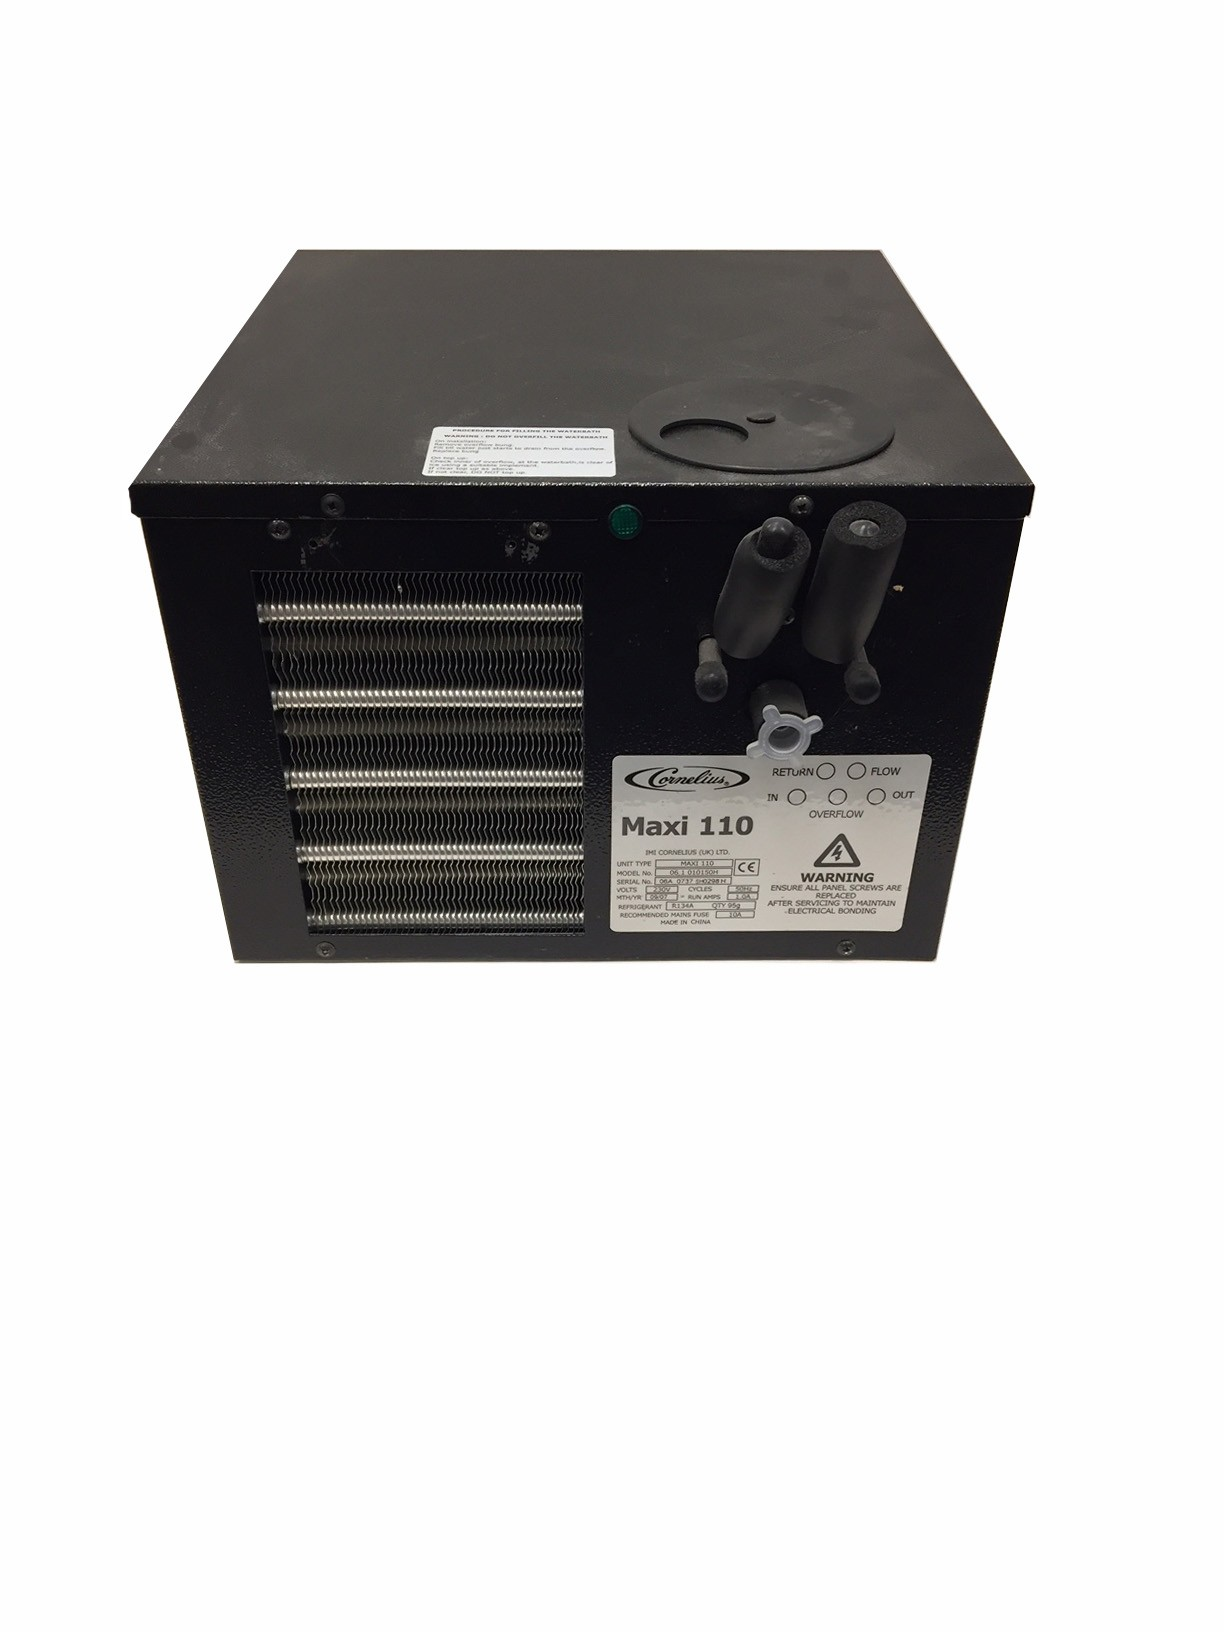 maxi 110 beer shelf cooler